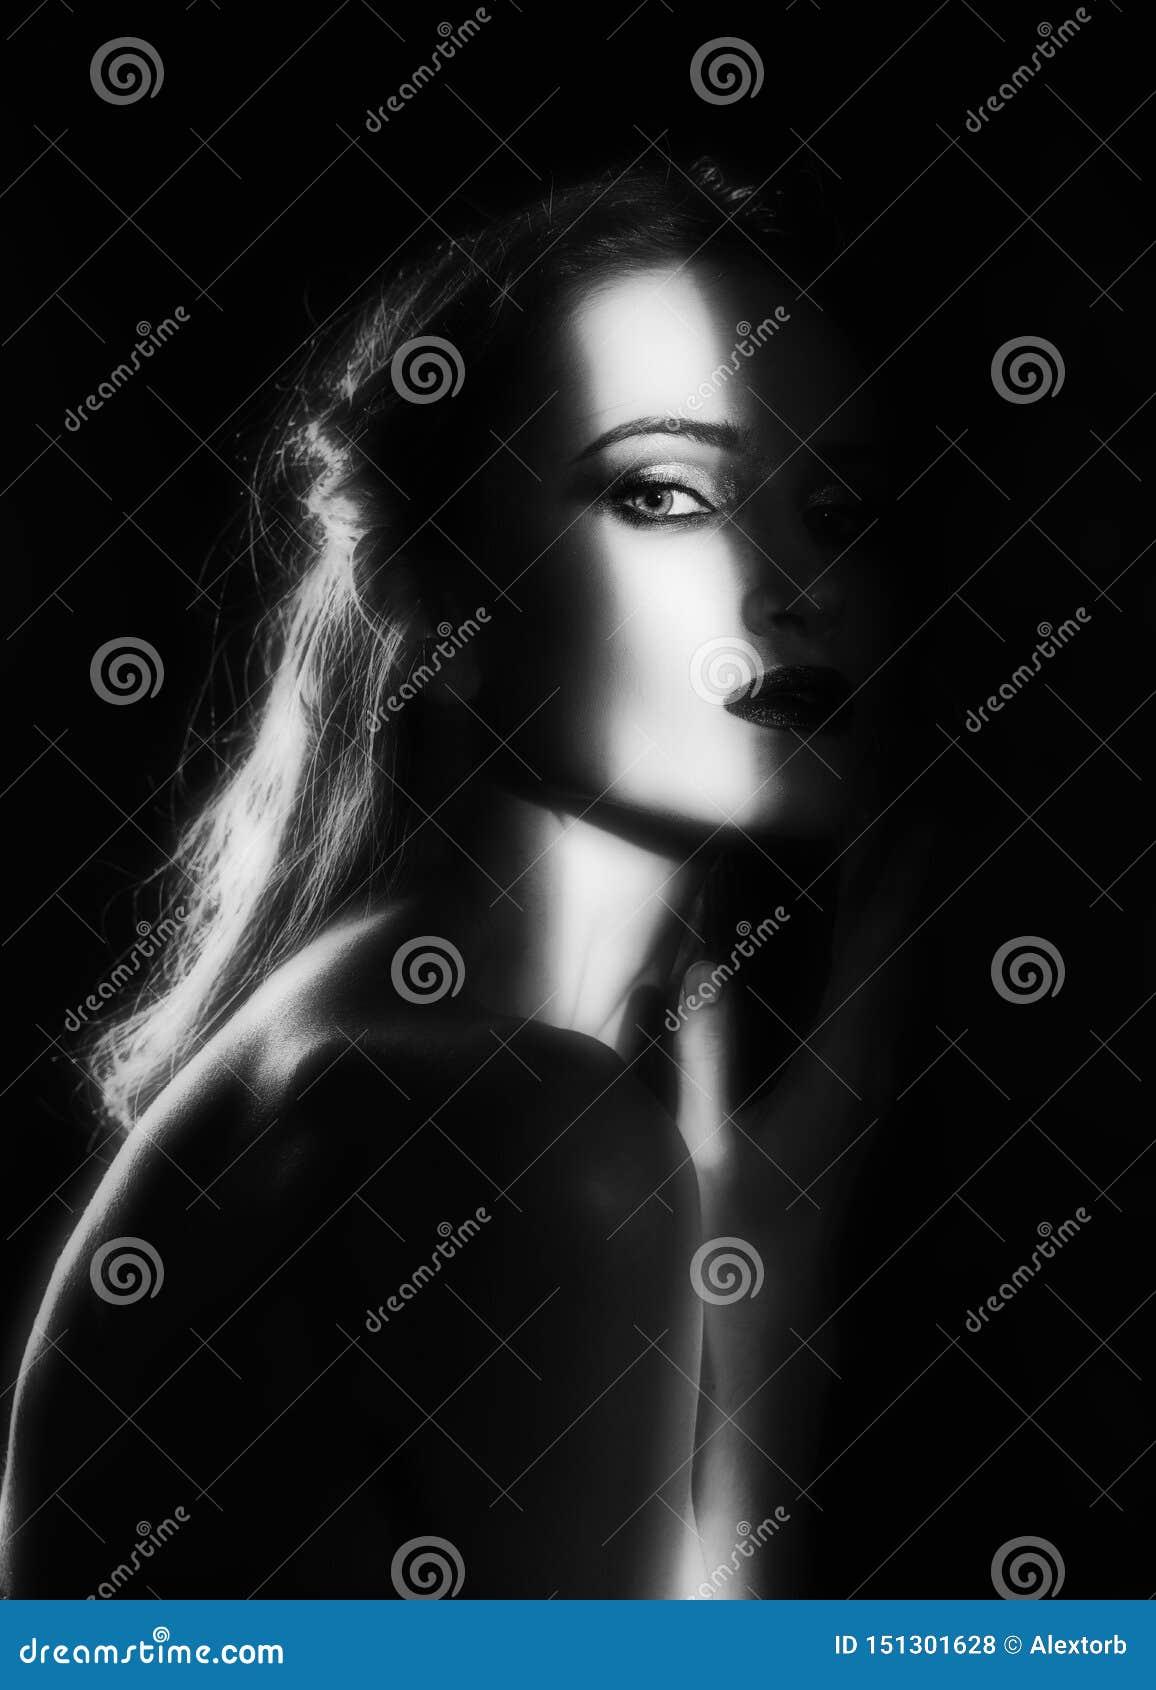 Il bello modello della ragazza con le labbra rosse compone e spalle nude nella tonalità, con una siluetta accesa e una striscia d